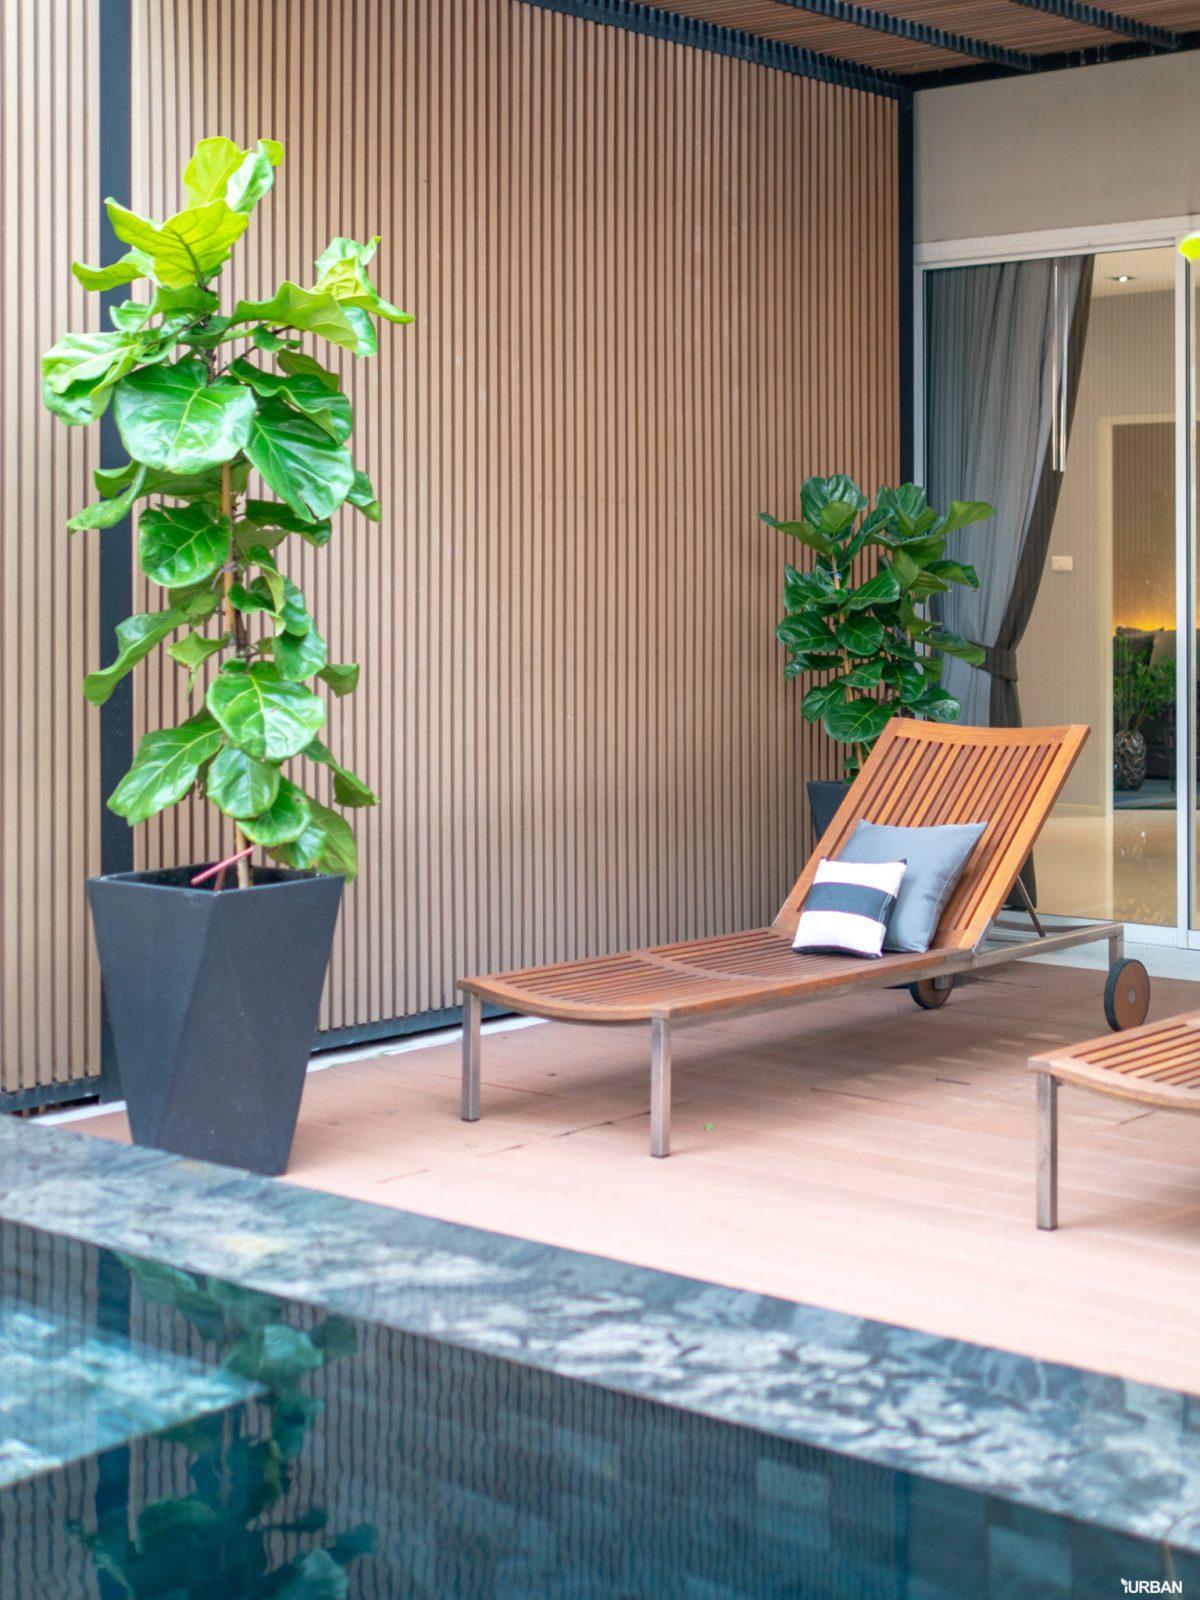 รีวิว บารานี พาร์ค ศรีนครินทร์-ร่มเกล้า บ้านสไตล์ Courtyard House ของไทยที่ได้รางวัลสถาปัตยกรรม 153 - Baranee Park